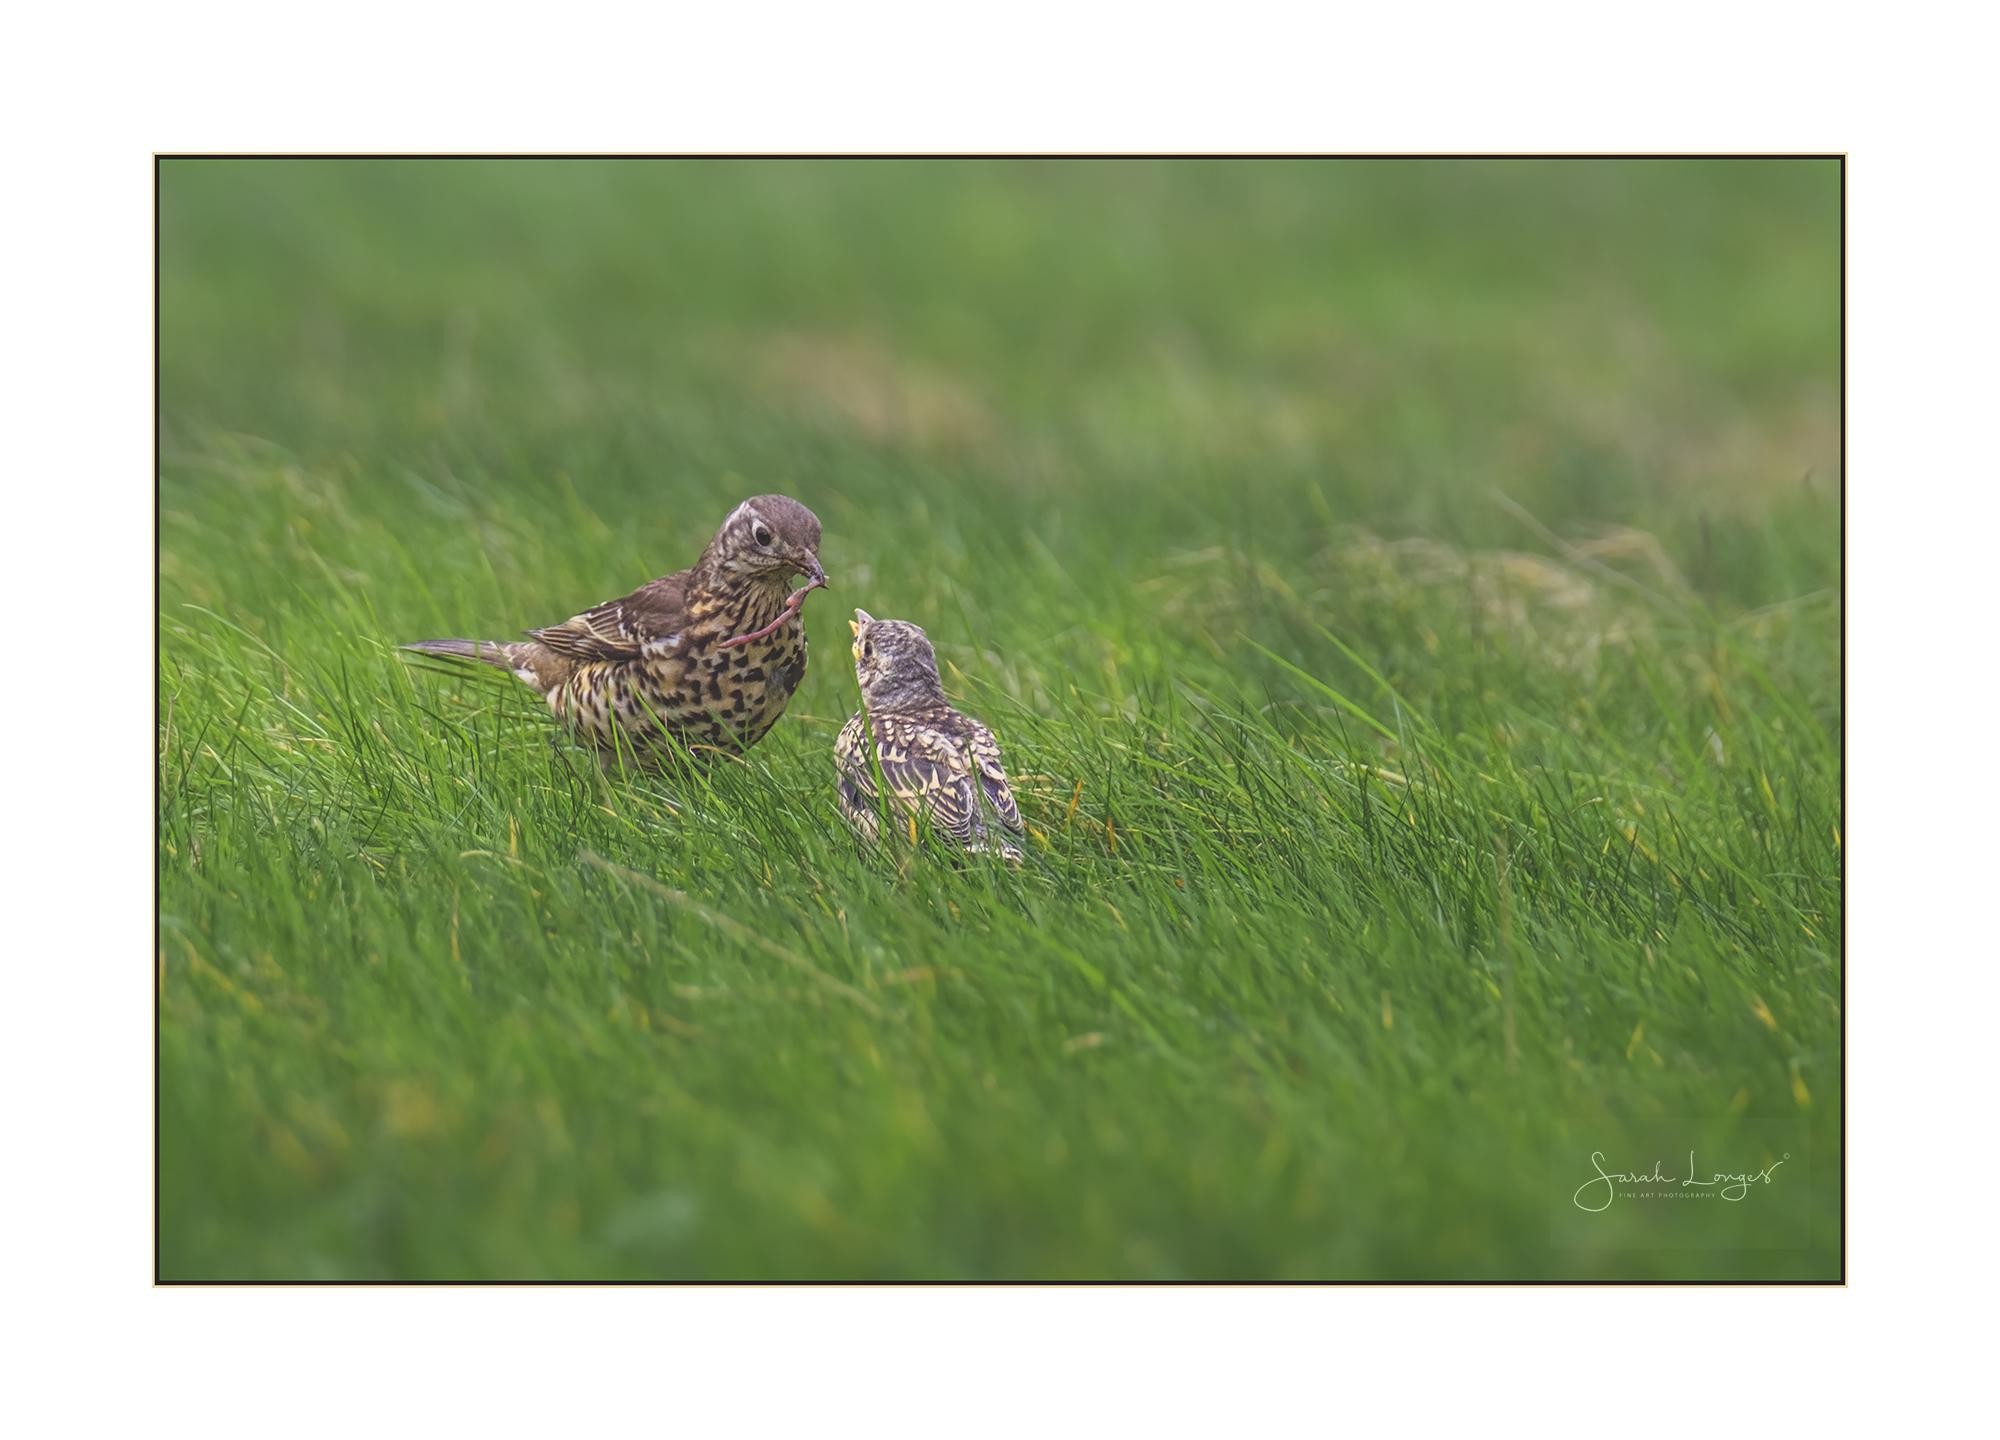 Feeding time for fledgling song thrush